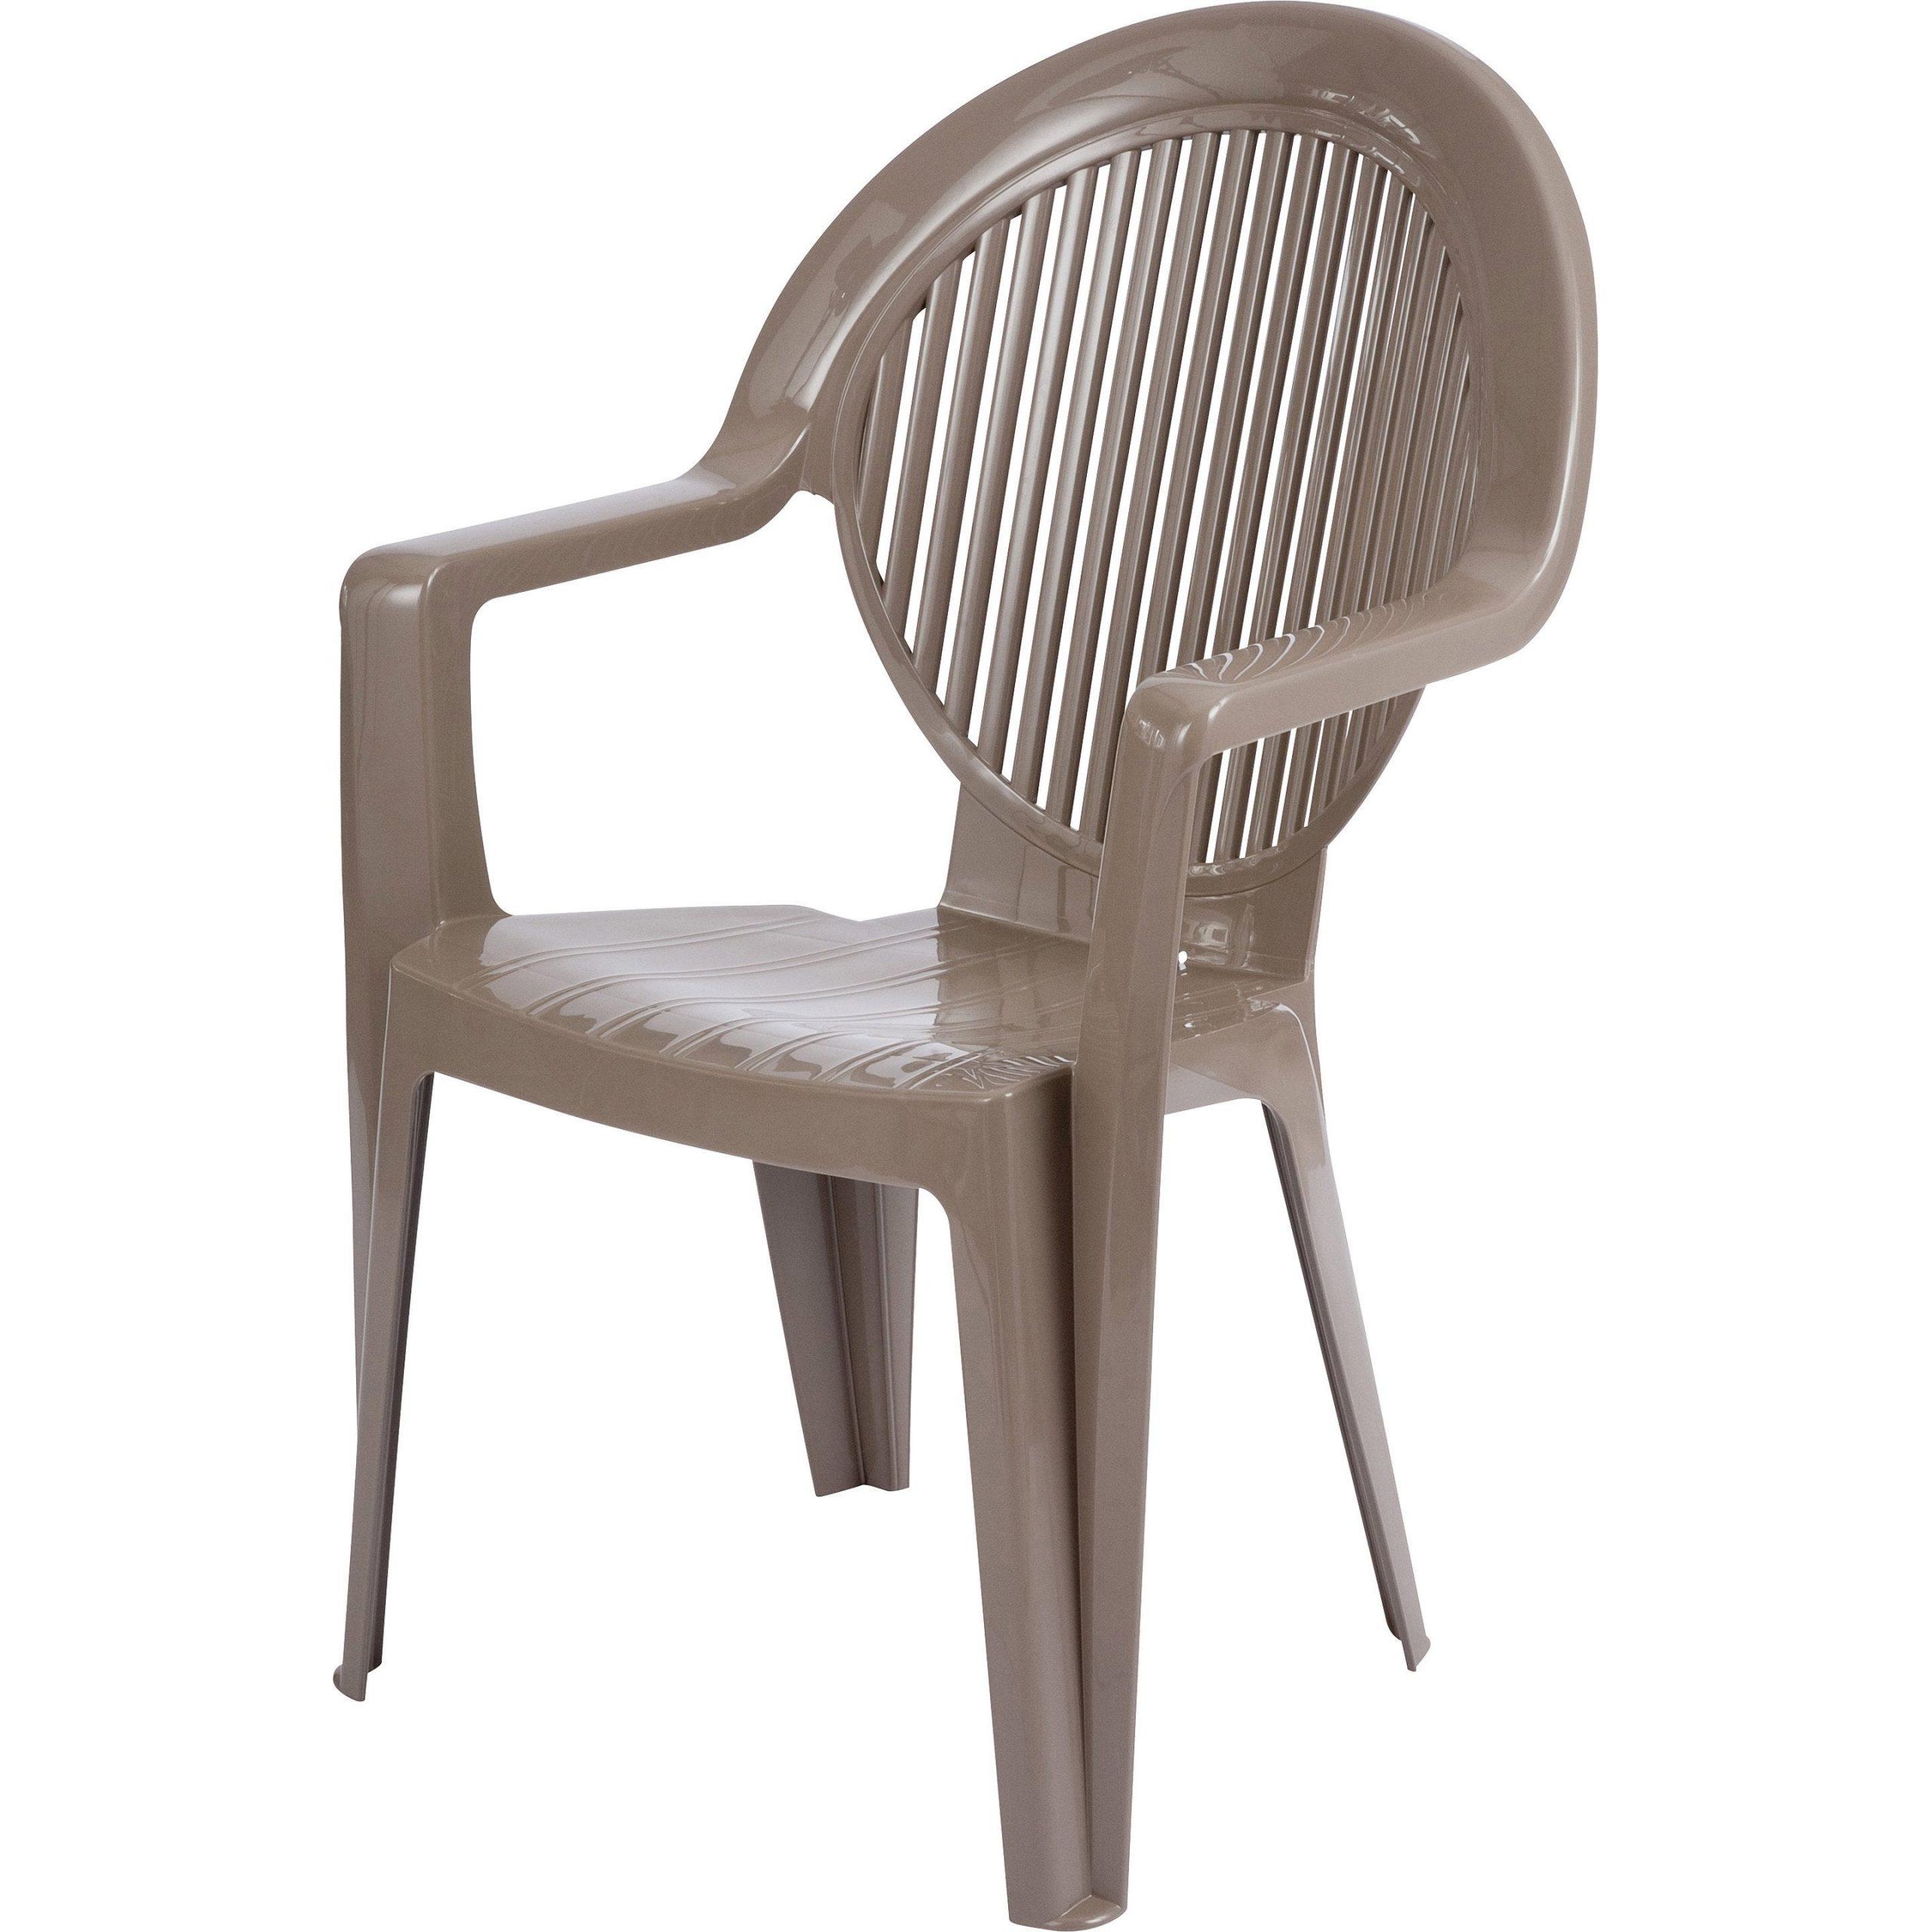 Cuisine & Maison Ameublement Et Décoration Chaise Fiji ... intérieur Fauteuille De Jardin